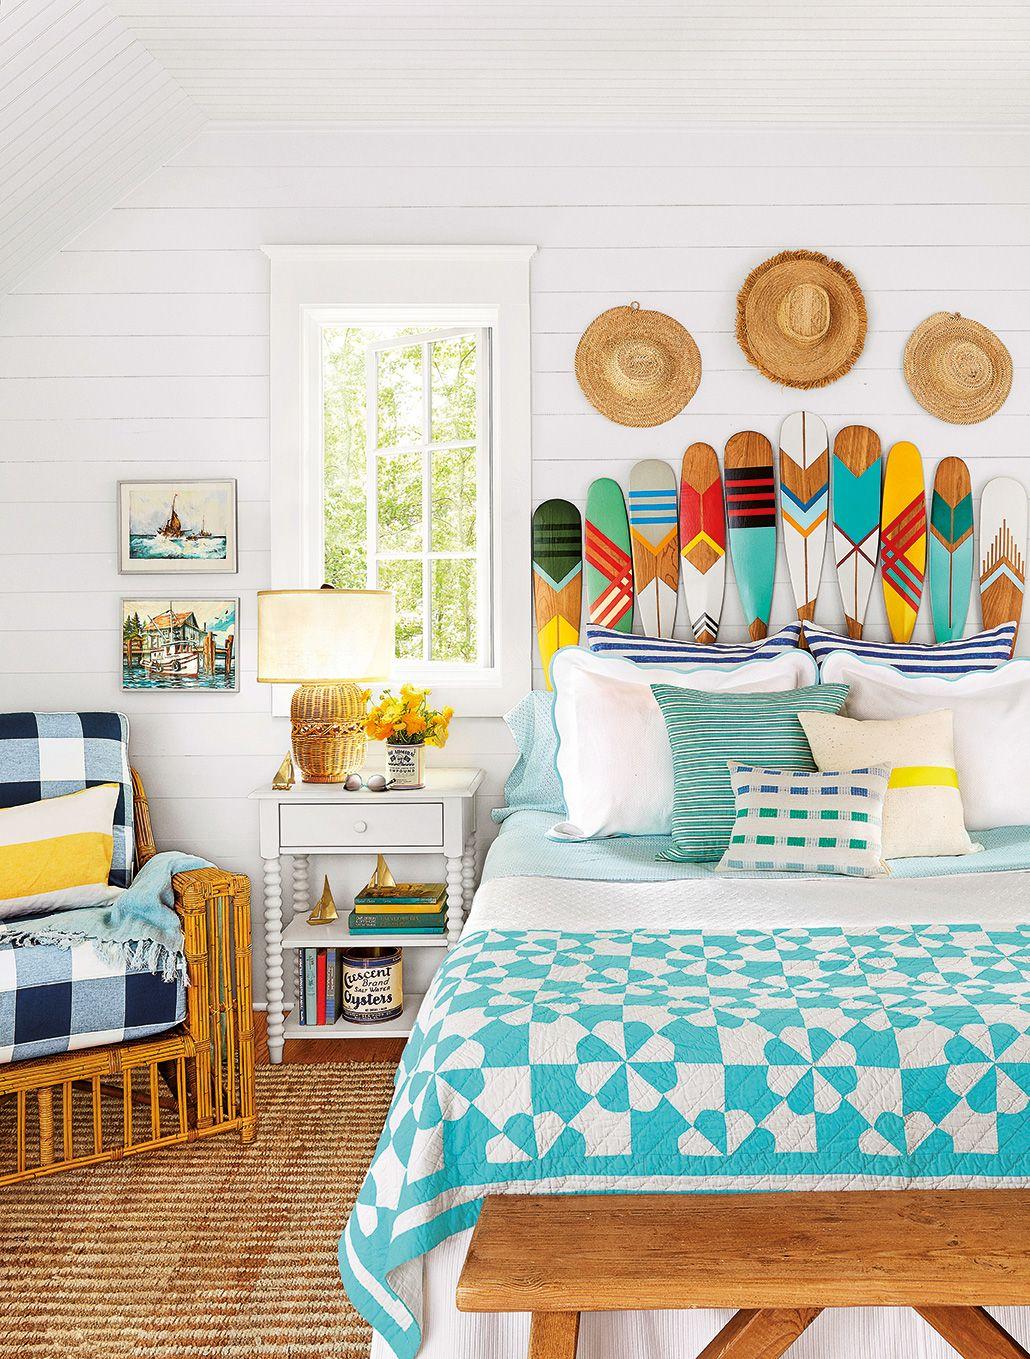 dormitorio verano